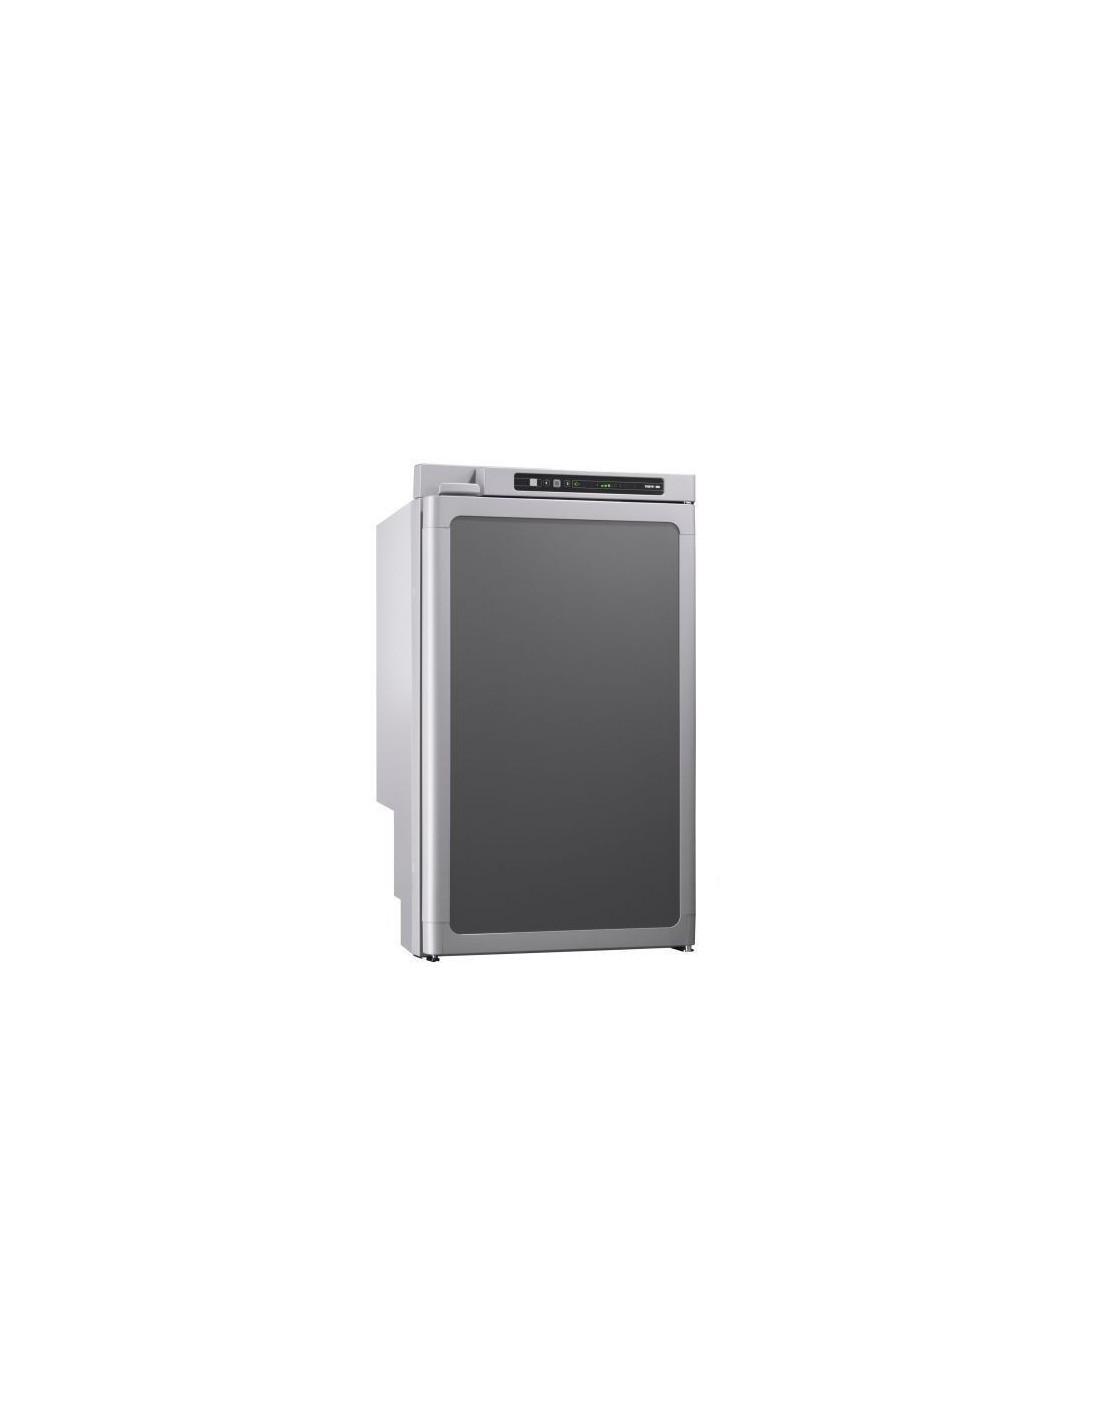 thetford absorberk hlschrank n3100e 230v 12v gas. Black Bedroom Furniture Sets. Home Design Ideas